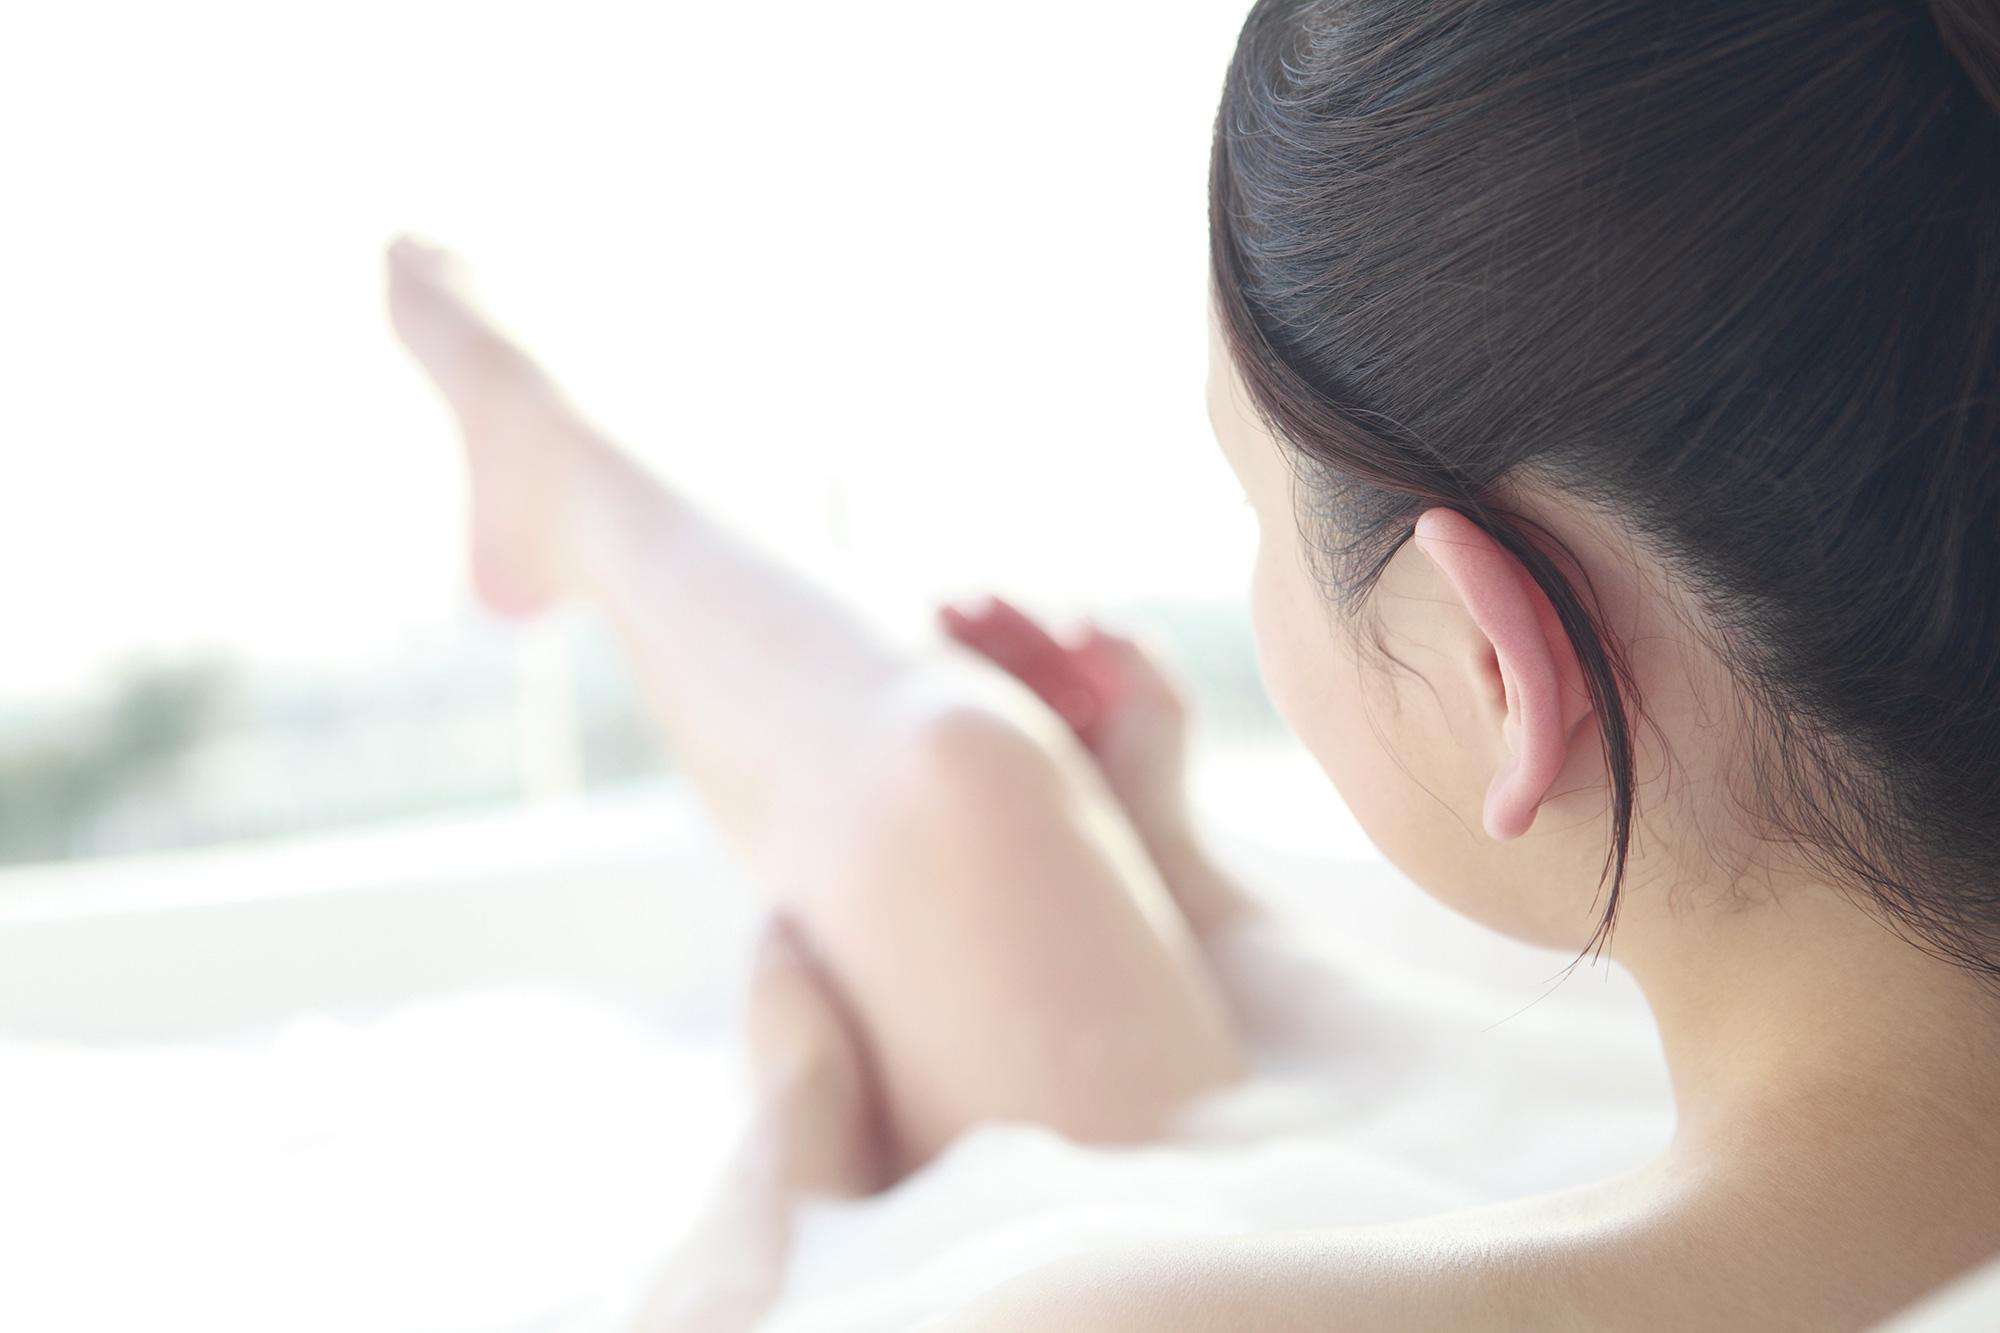 【医師監修】乾燥肌の方に!お風呂に入る際のポイントと入浴後の注意点を解説